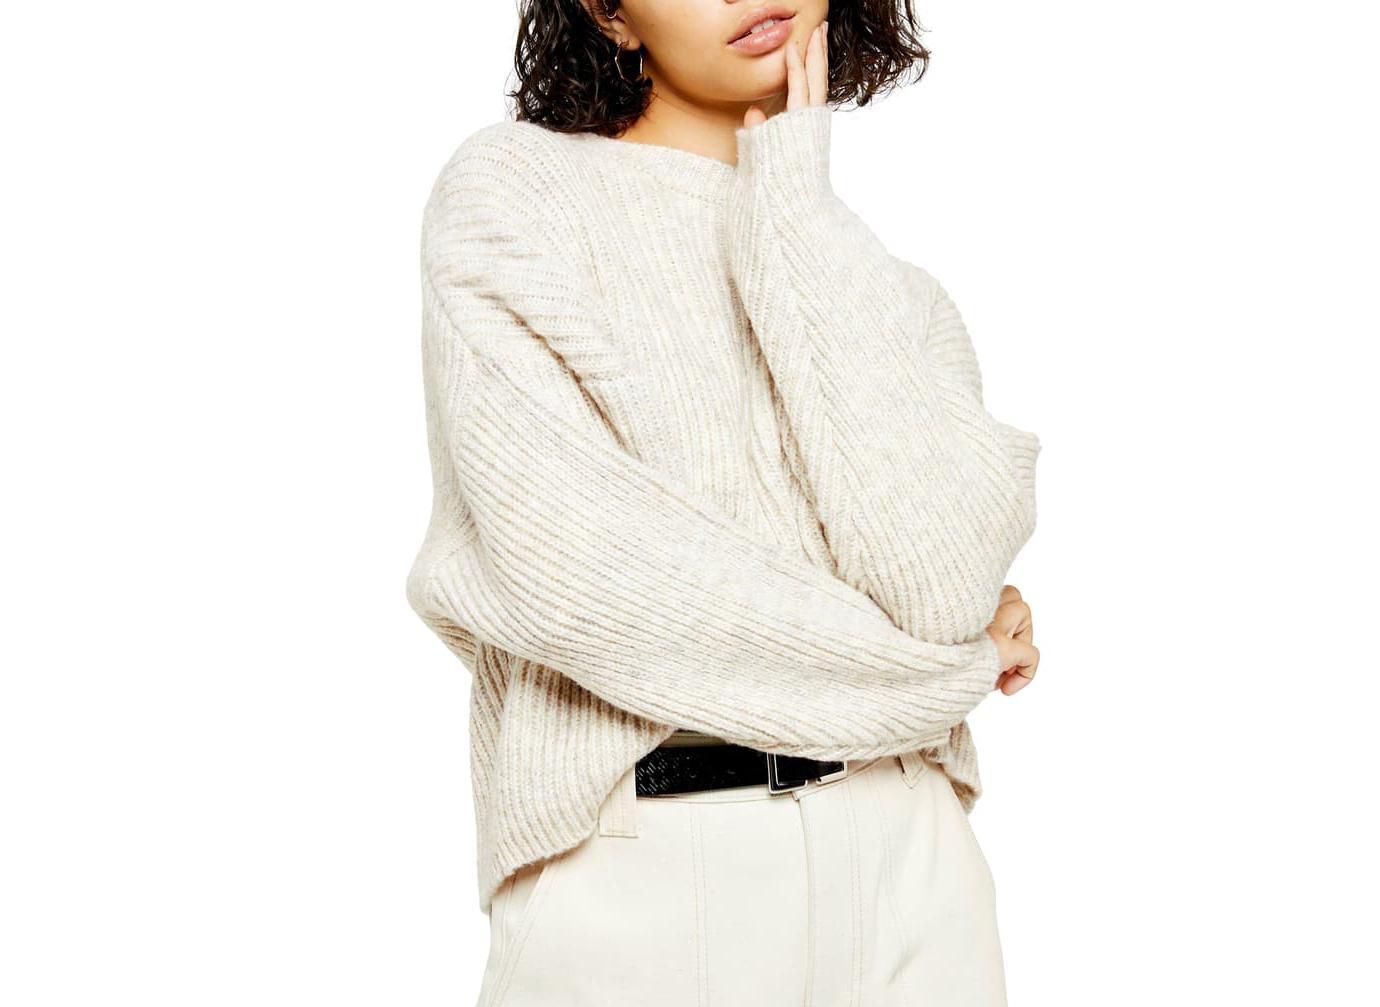 Topshop Crewneck Sweater